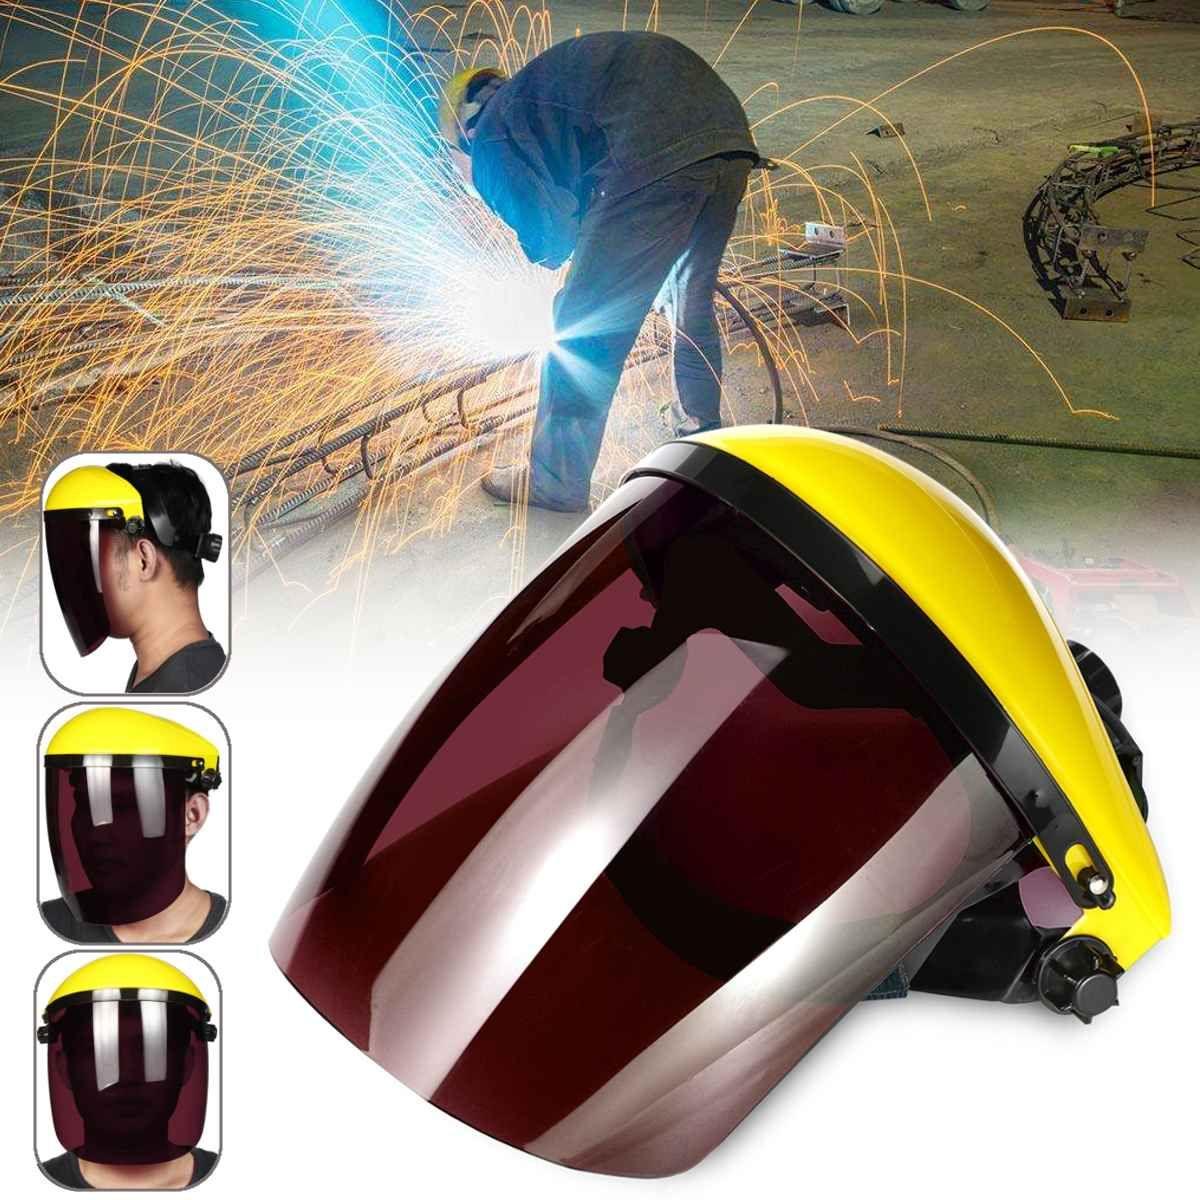 Voll Visier Sicherheit Arbeitskleidung Auge Schutz Werkzeug Klar Einstellbare Gesicht Maske Schild Schutzhülle Flip-up Visier Grau/Schwarz /grün/Braun